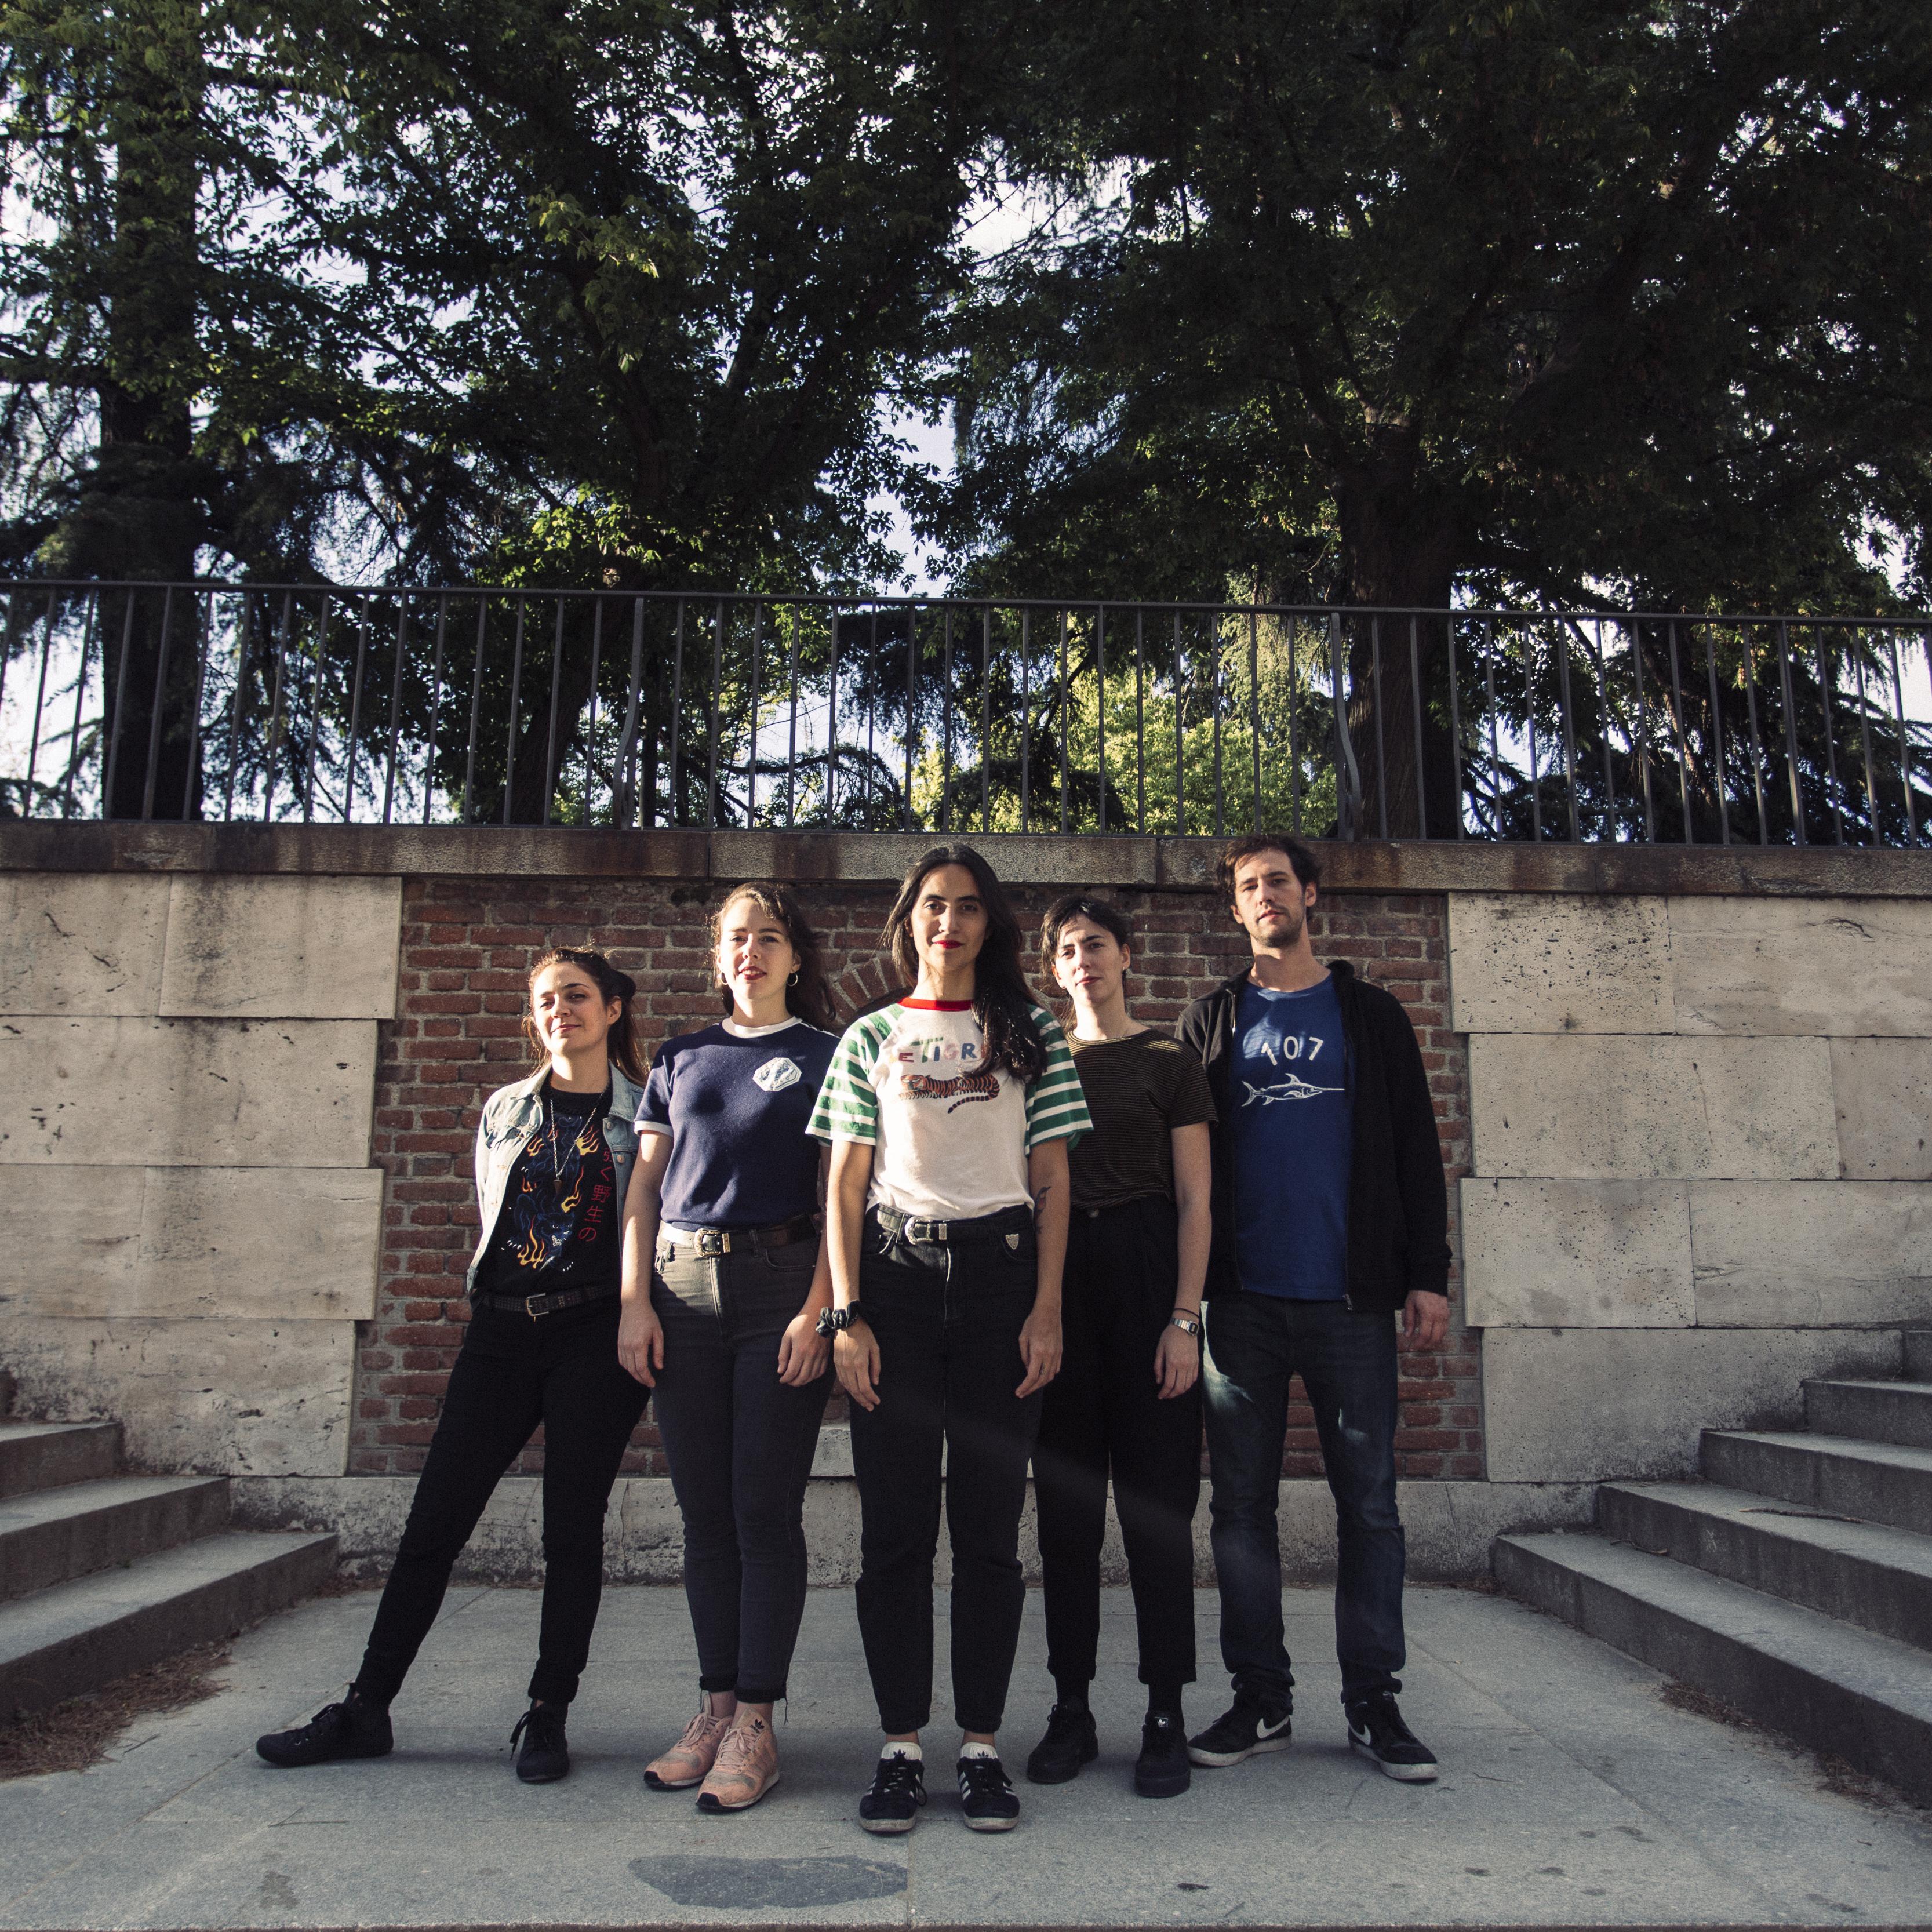 Las Ligas Menores promo 201923